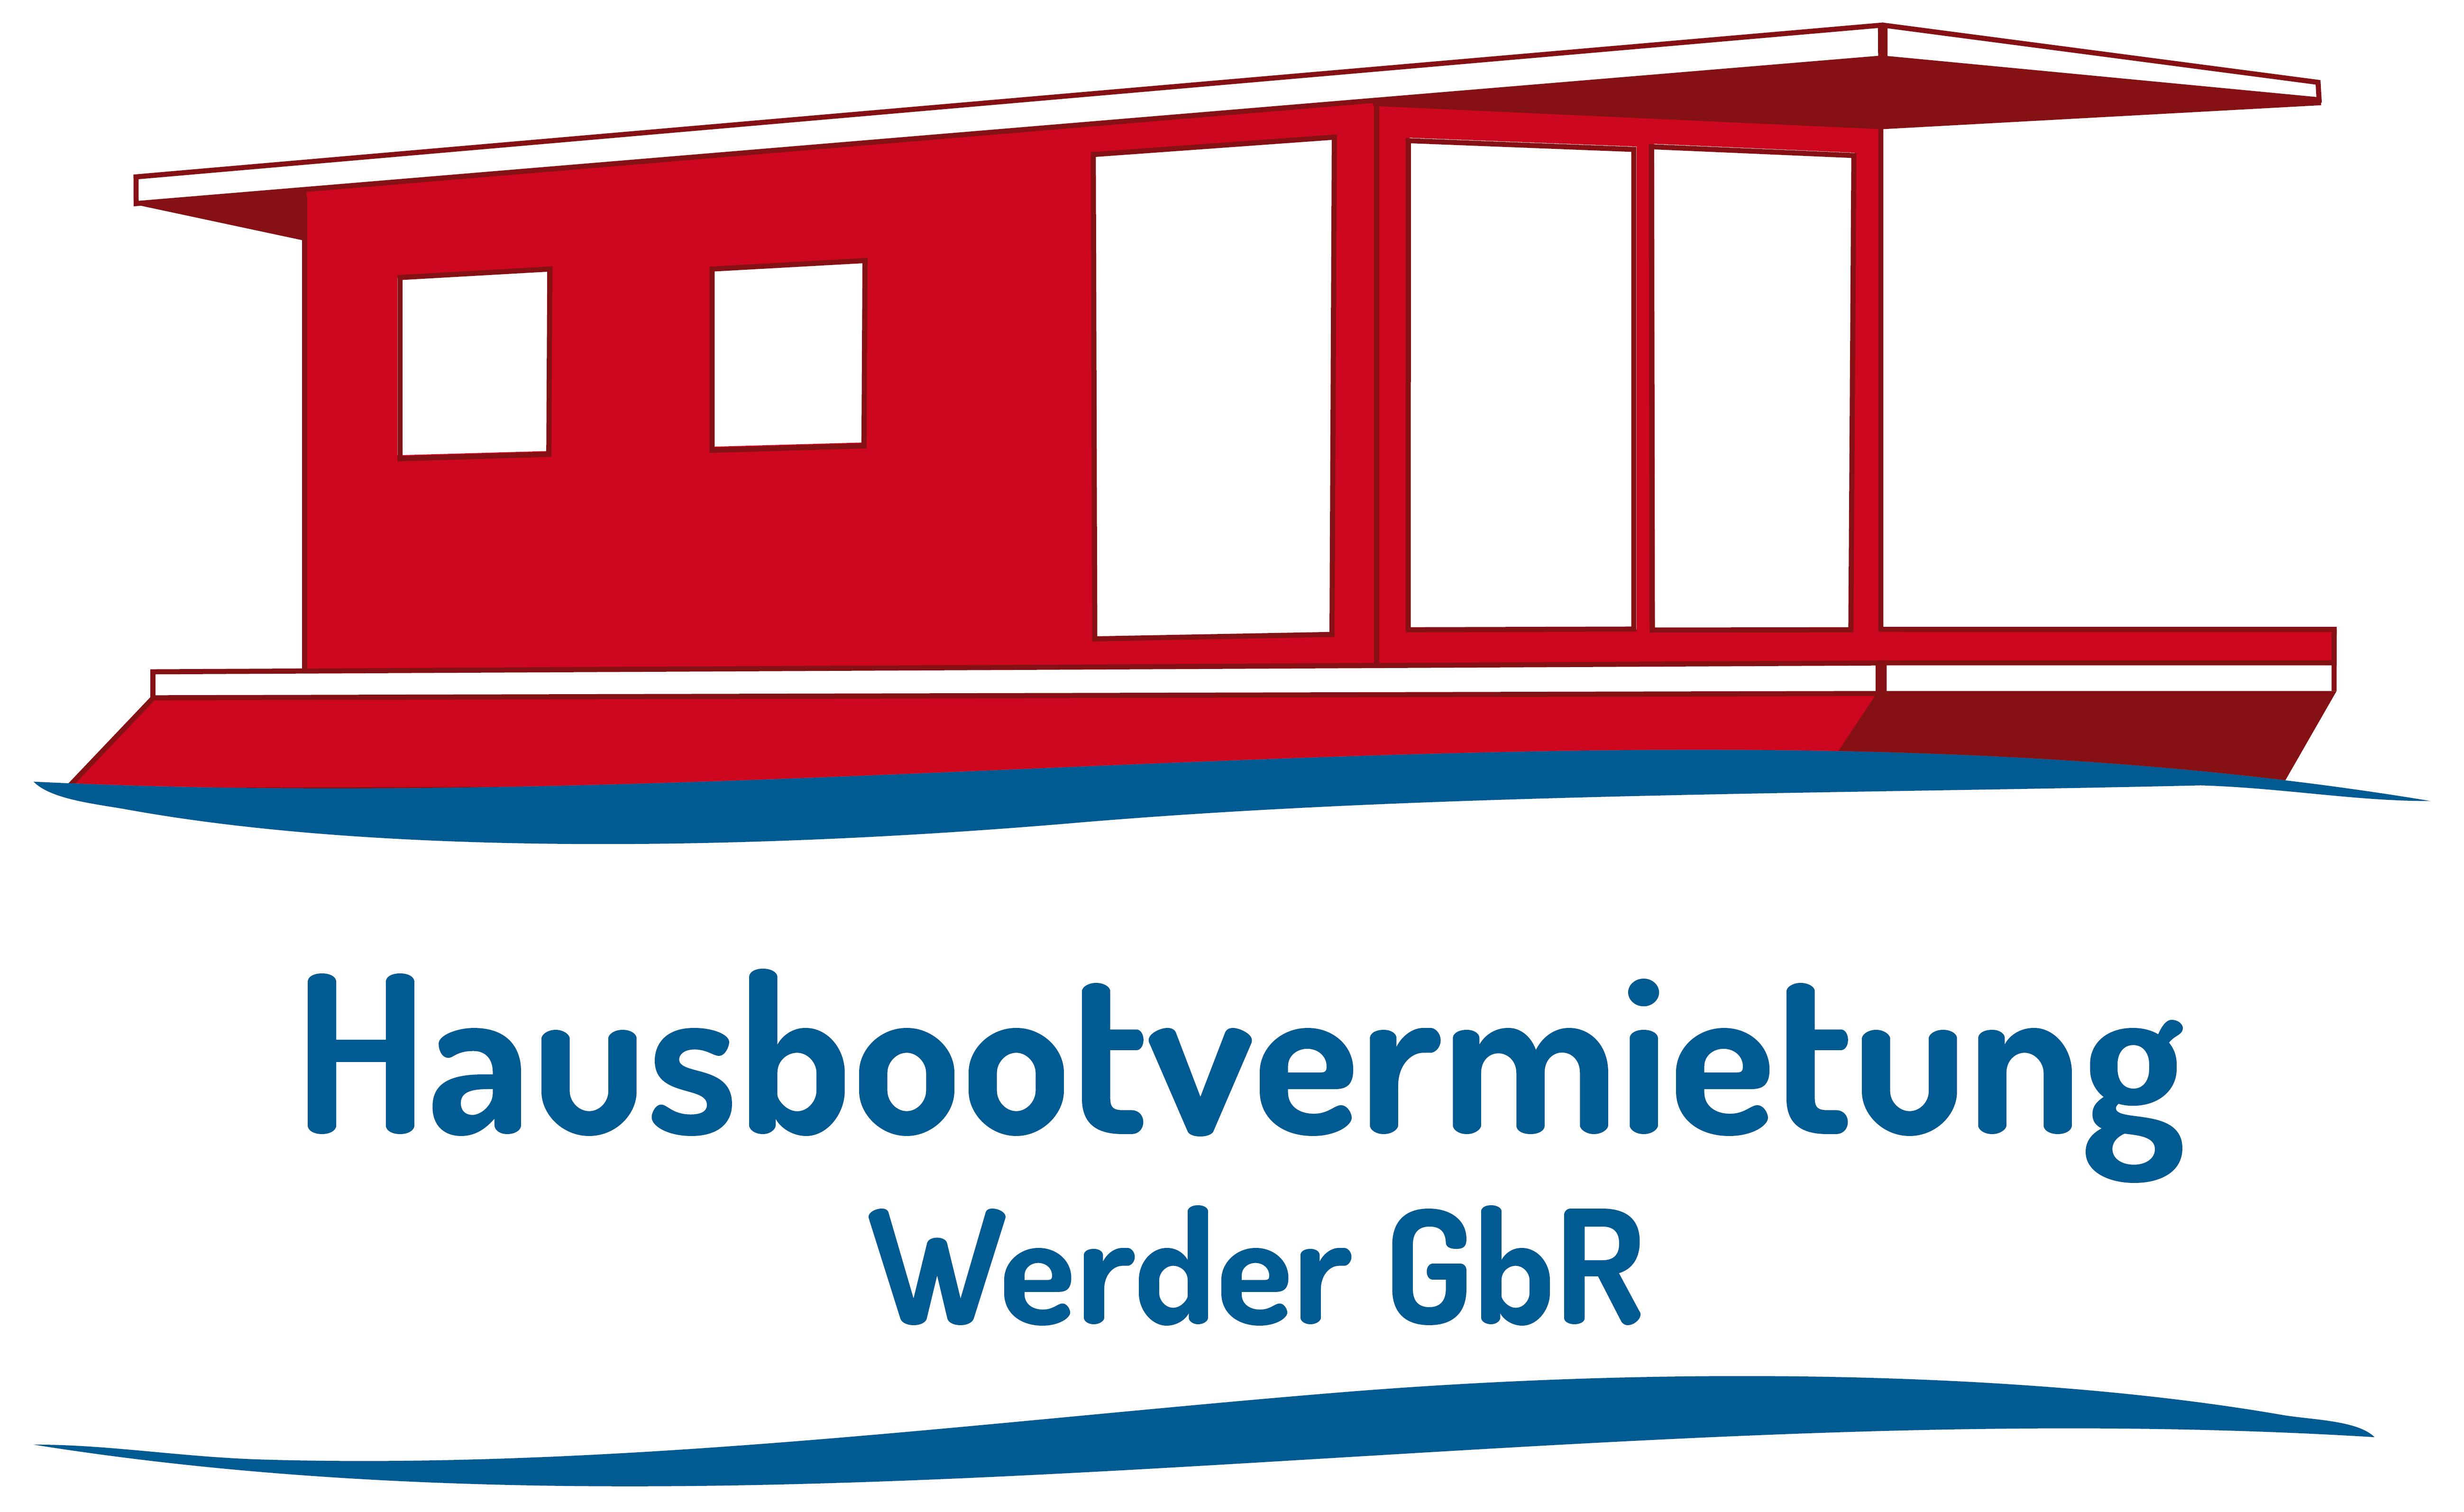 Hausbootvermietung Werder GbR